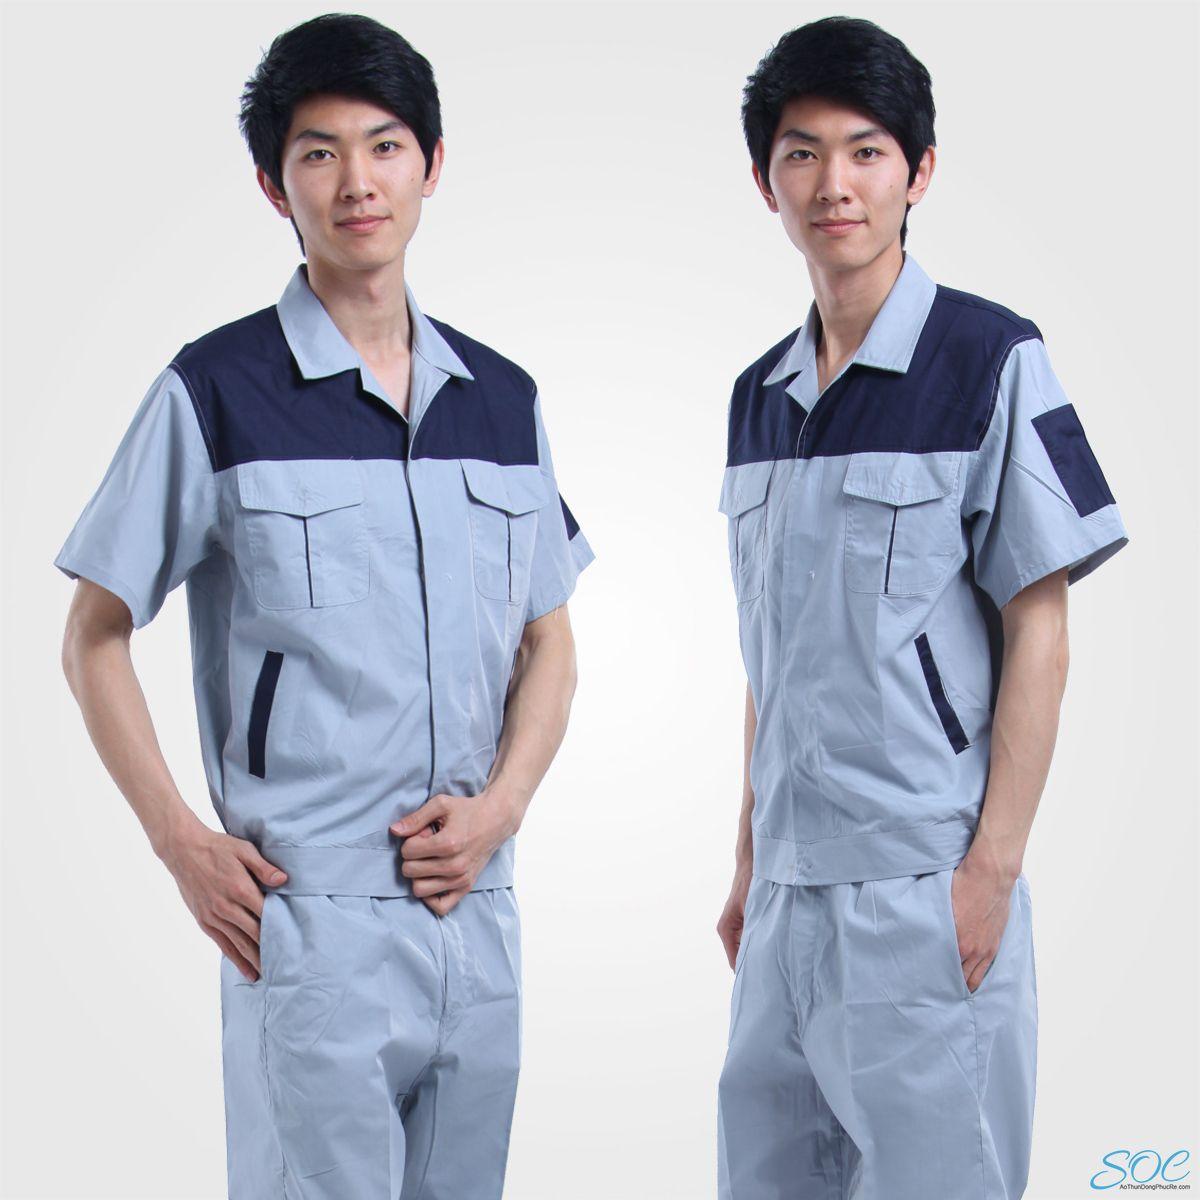 Đồng phục bảo hộ lao động công ty tay ngắn phối màu xám xanh